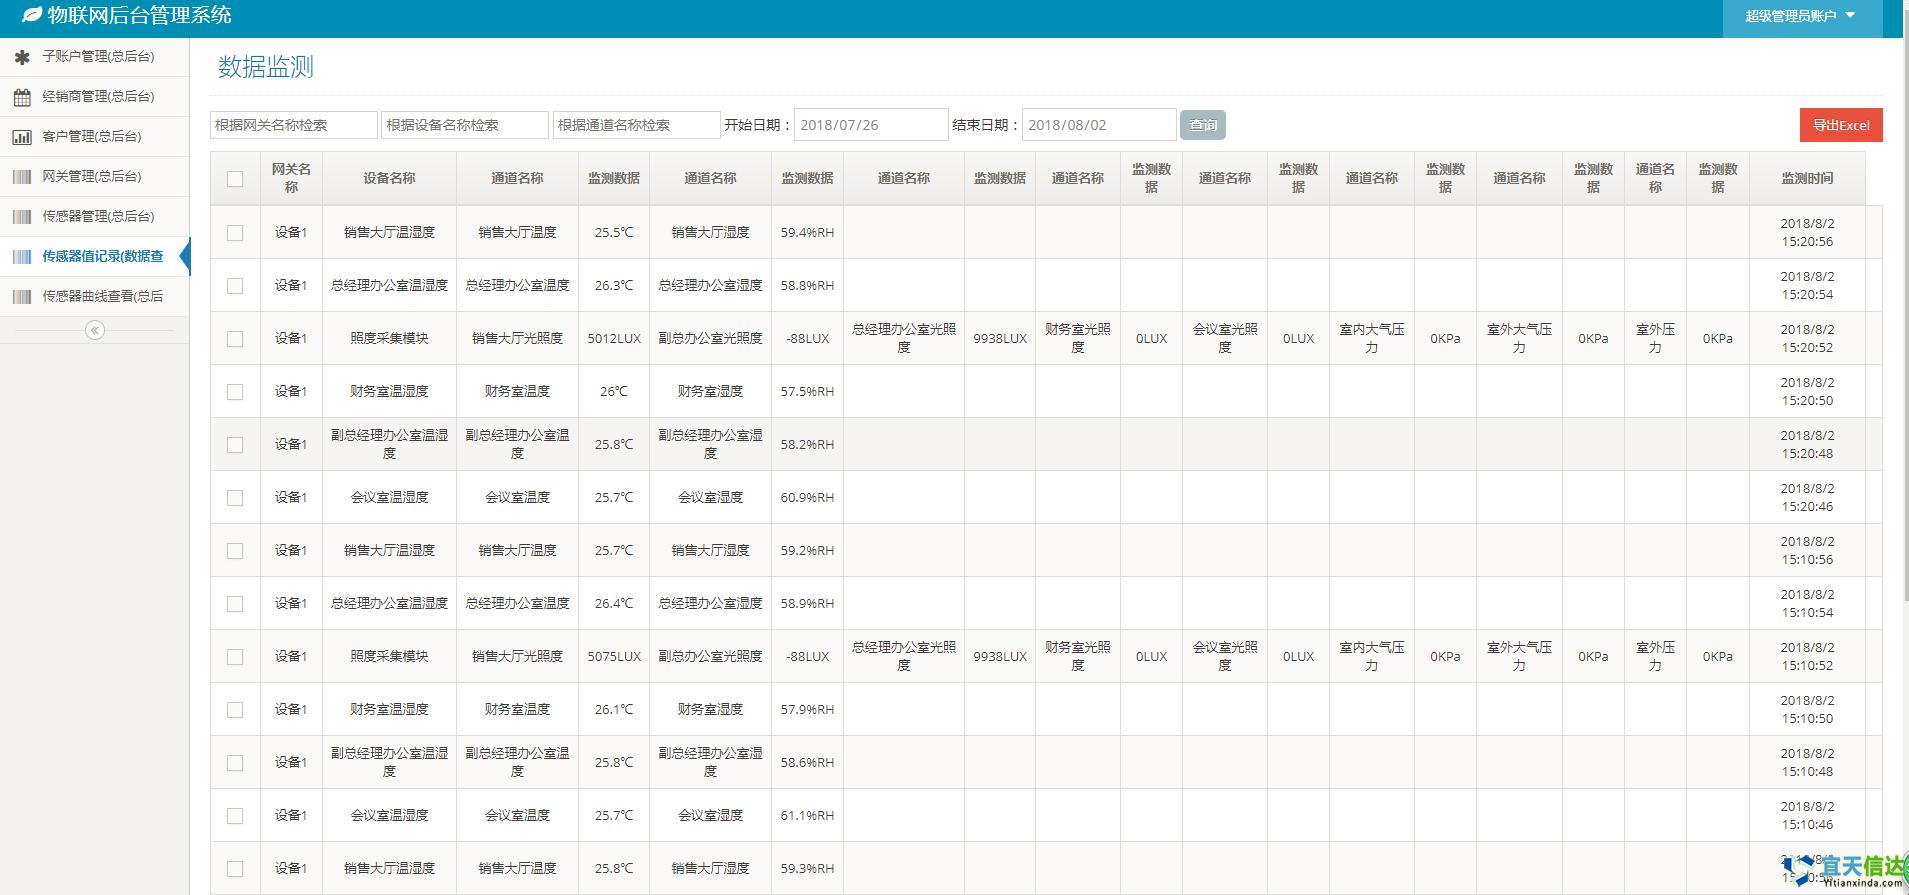 物联网传感器数据监测平台